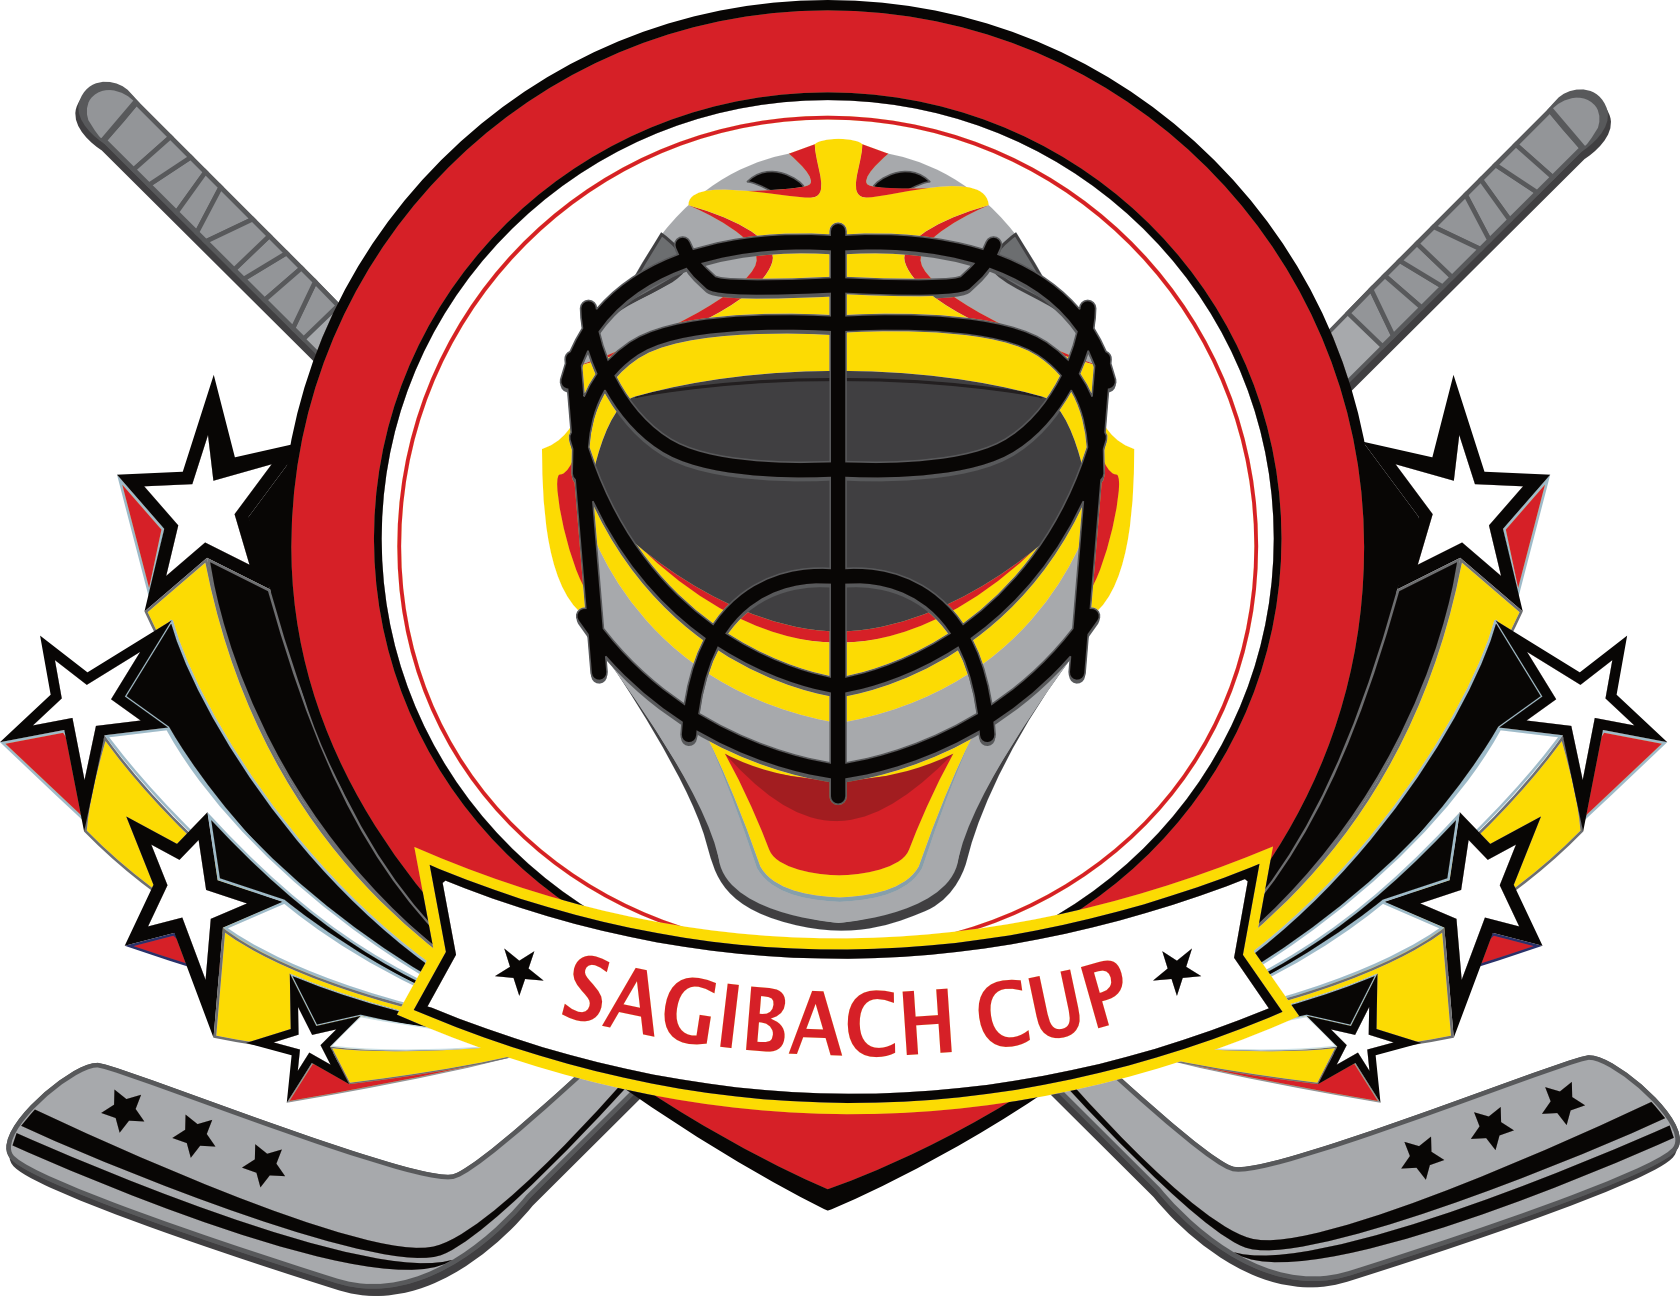 Sagibach Cup